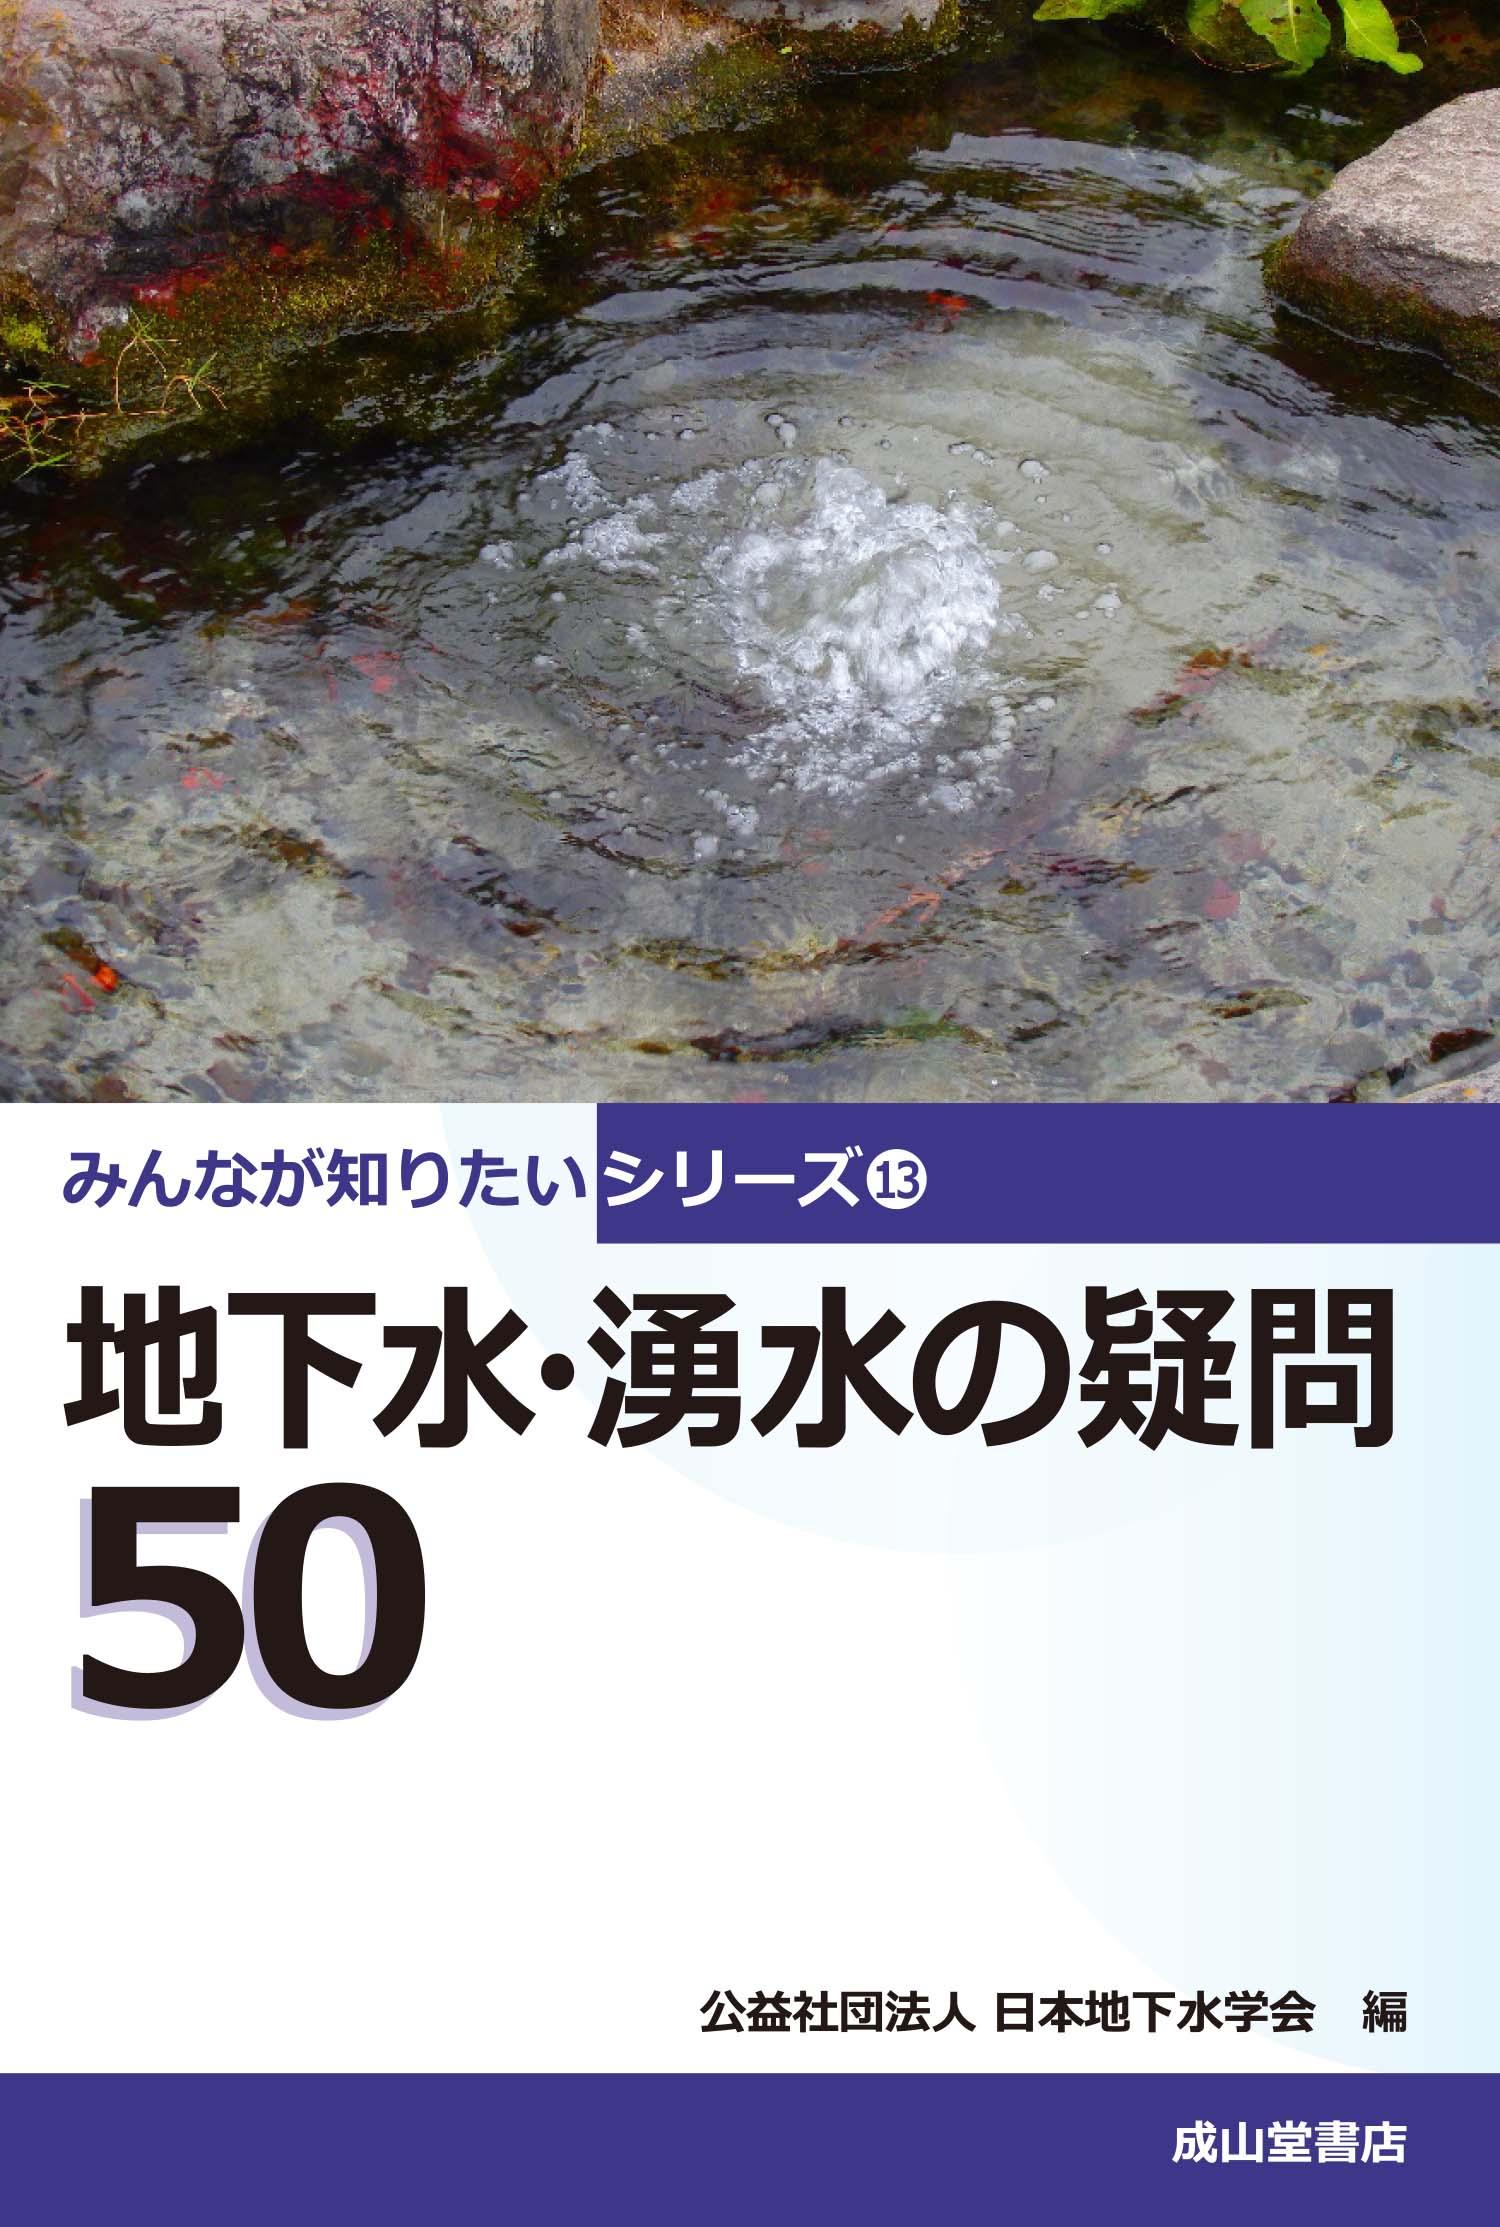 地下水・湧水の疑問50表紙